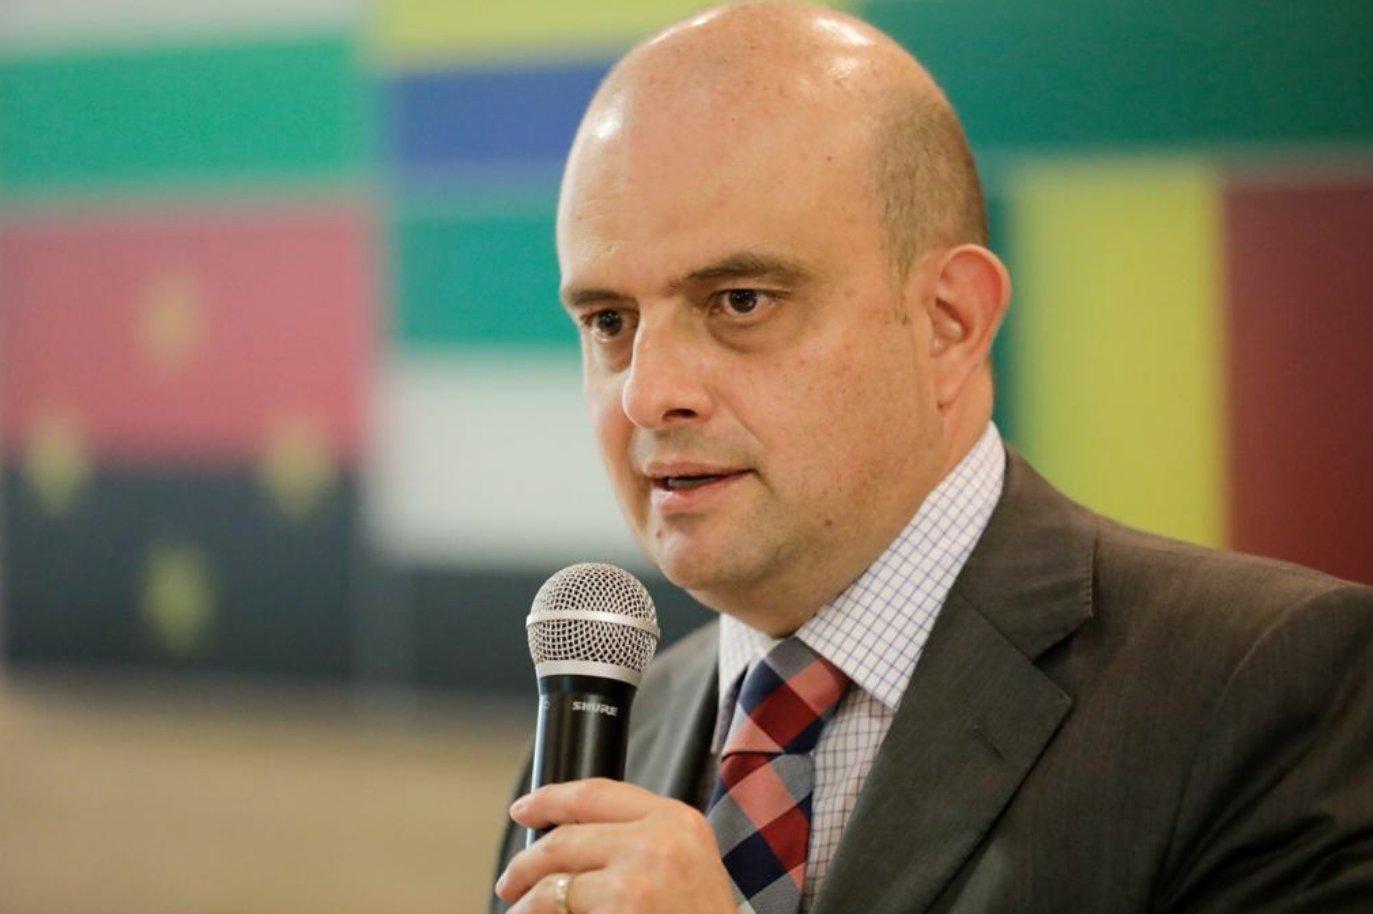 Renunció el viceministro de Salud, Iván Darío Gónzález